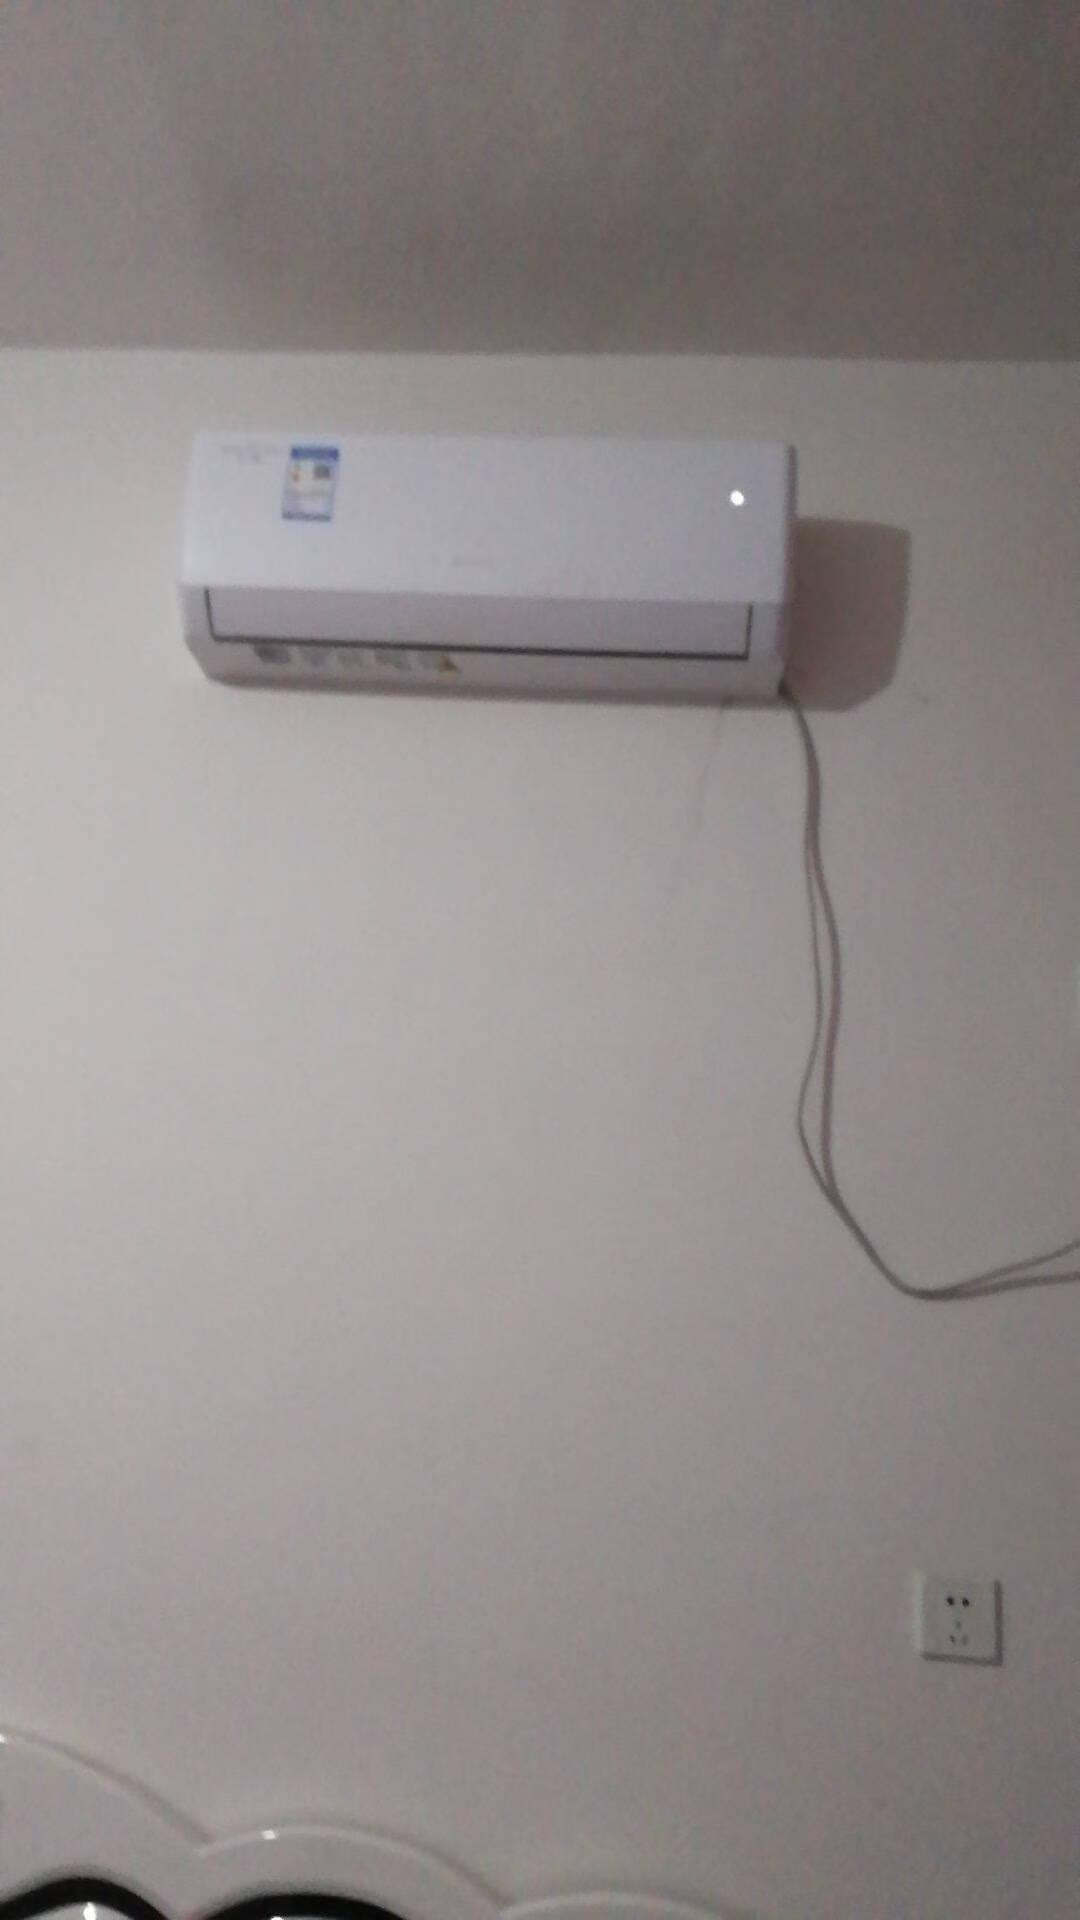 格力(GREE)1.5匹天丽新能效变频冷暖自清洁壁挂式卧室空调挂机KFR-35GW/(35530)FNhAk-B3